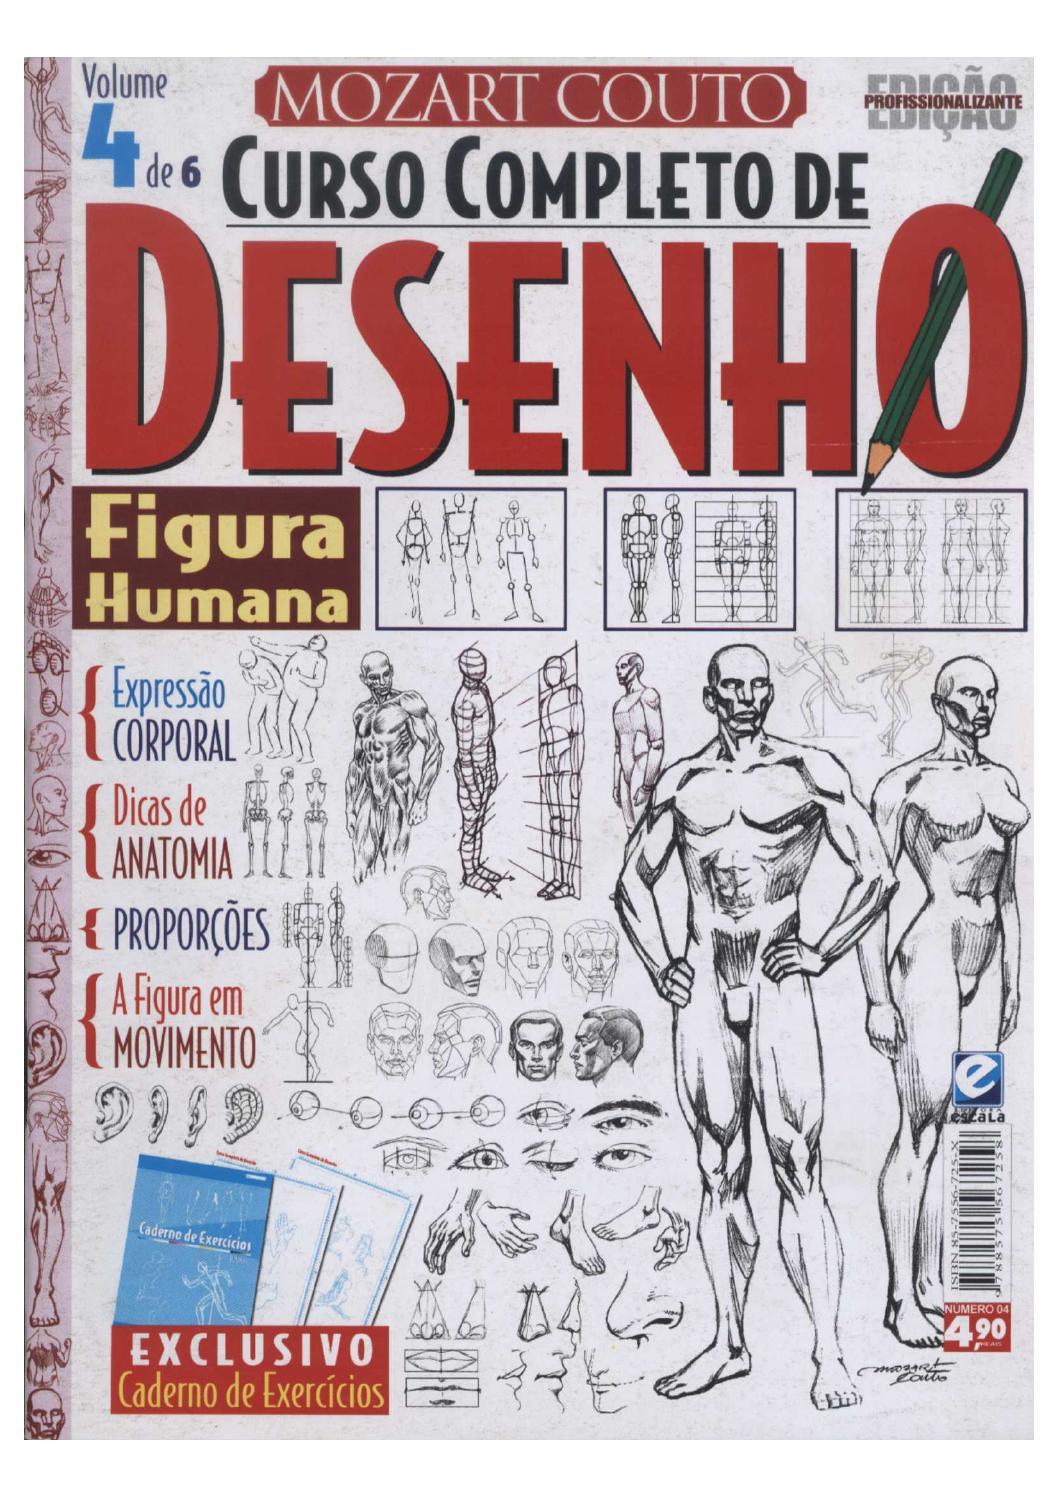 Curso completo de desenho por mozart couto nº4 by Arthur Araújo - issuu